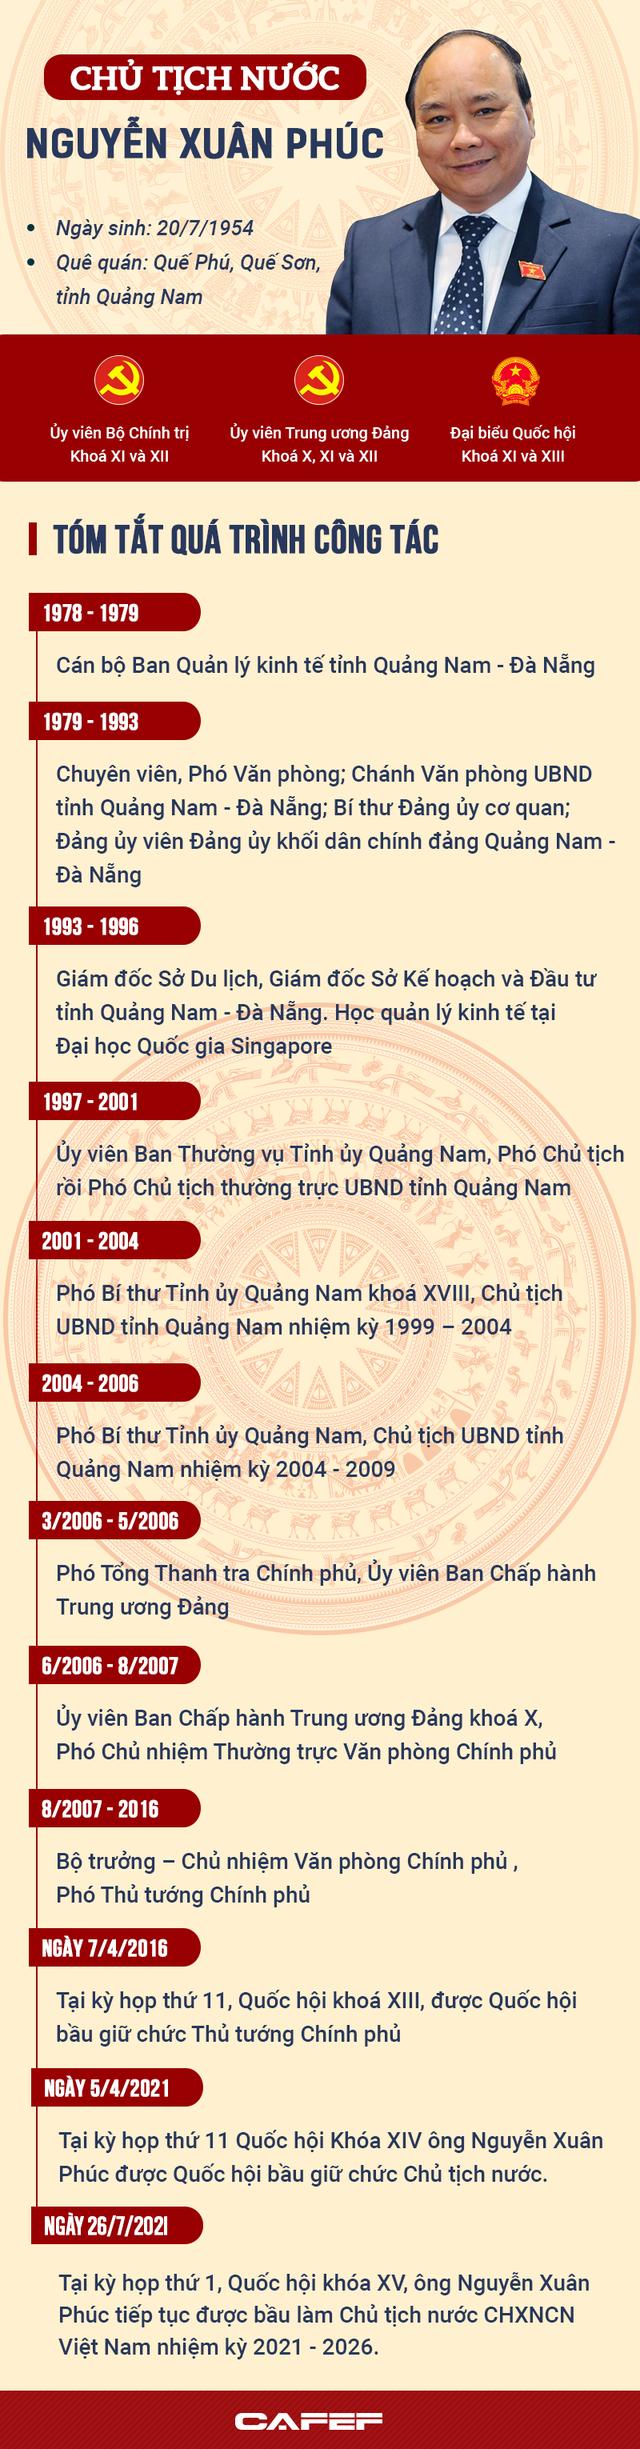 Ông Nguyễn Xuân Phúc đắc cử Chủ tịch nước, tuyên thệ nhậm chức trước Quốc hội - Ảnh 2.